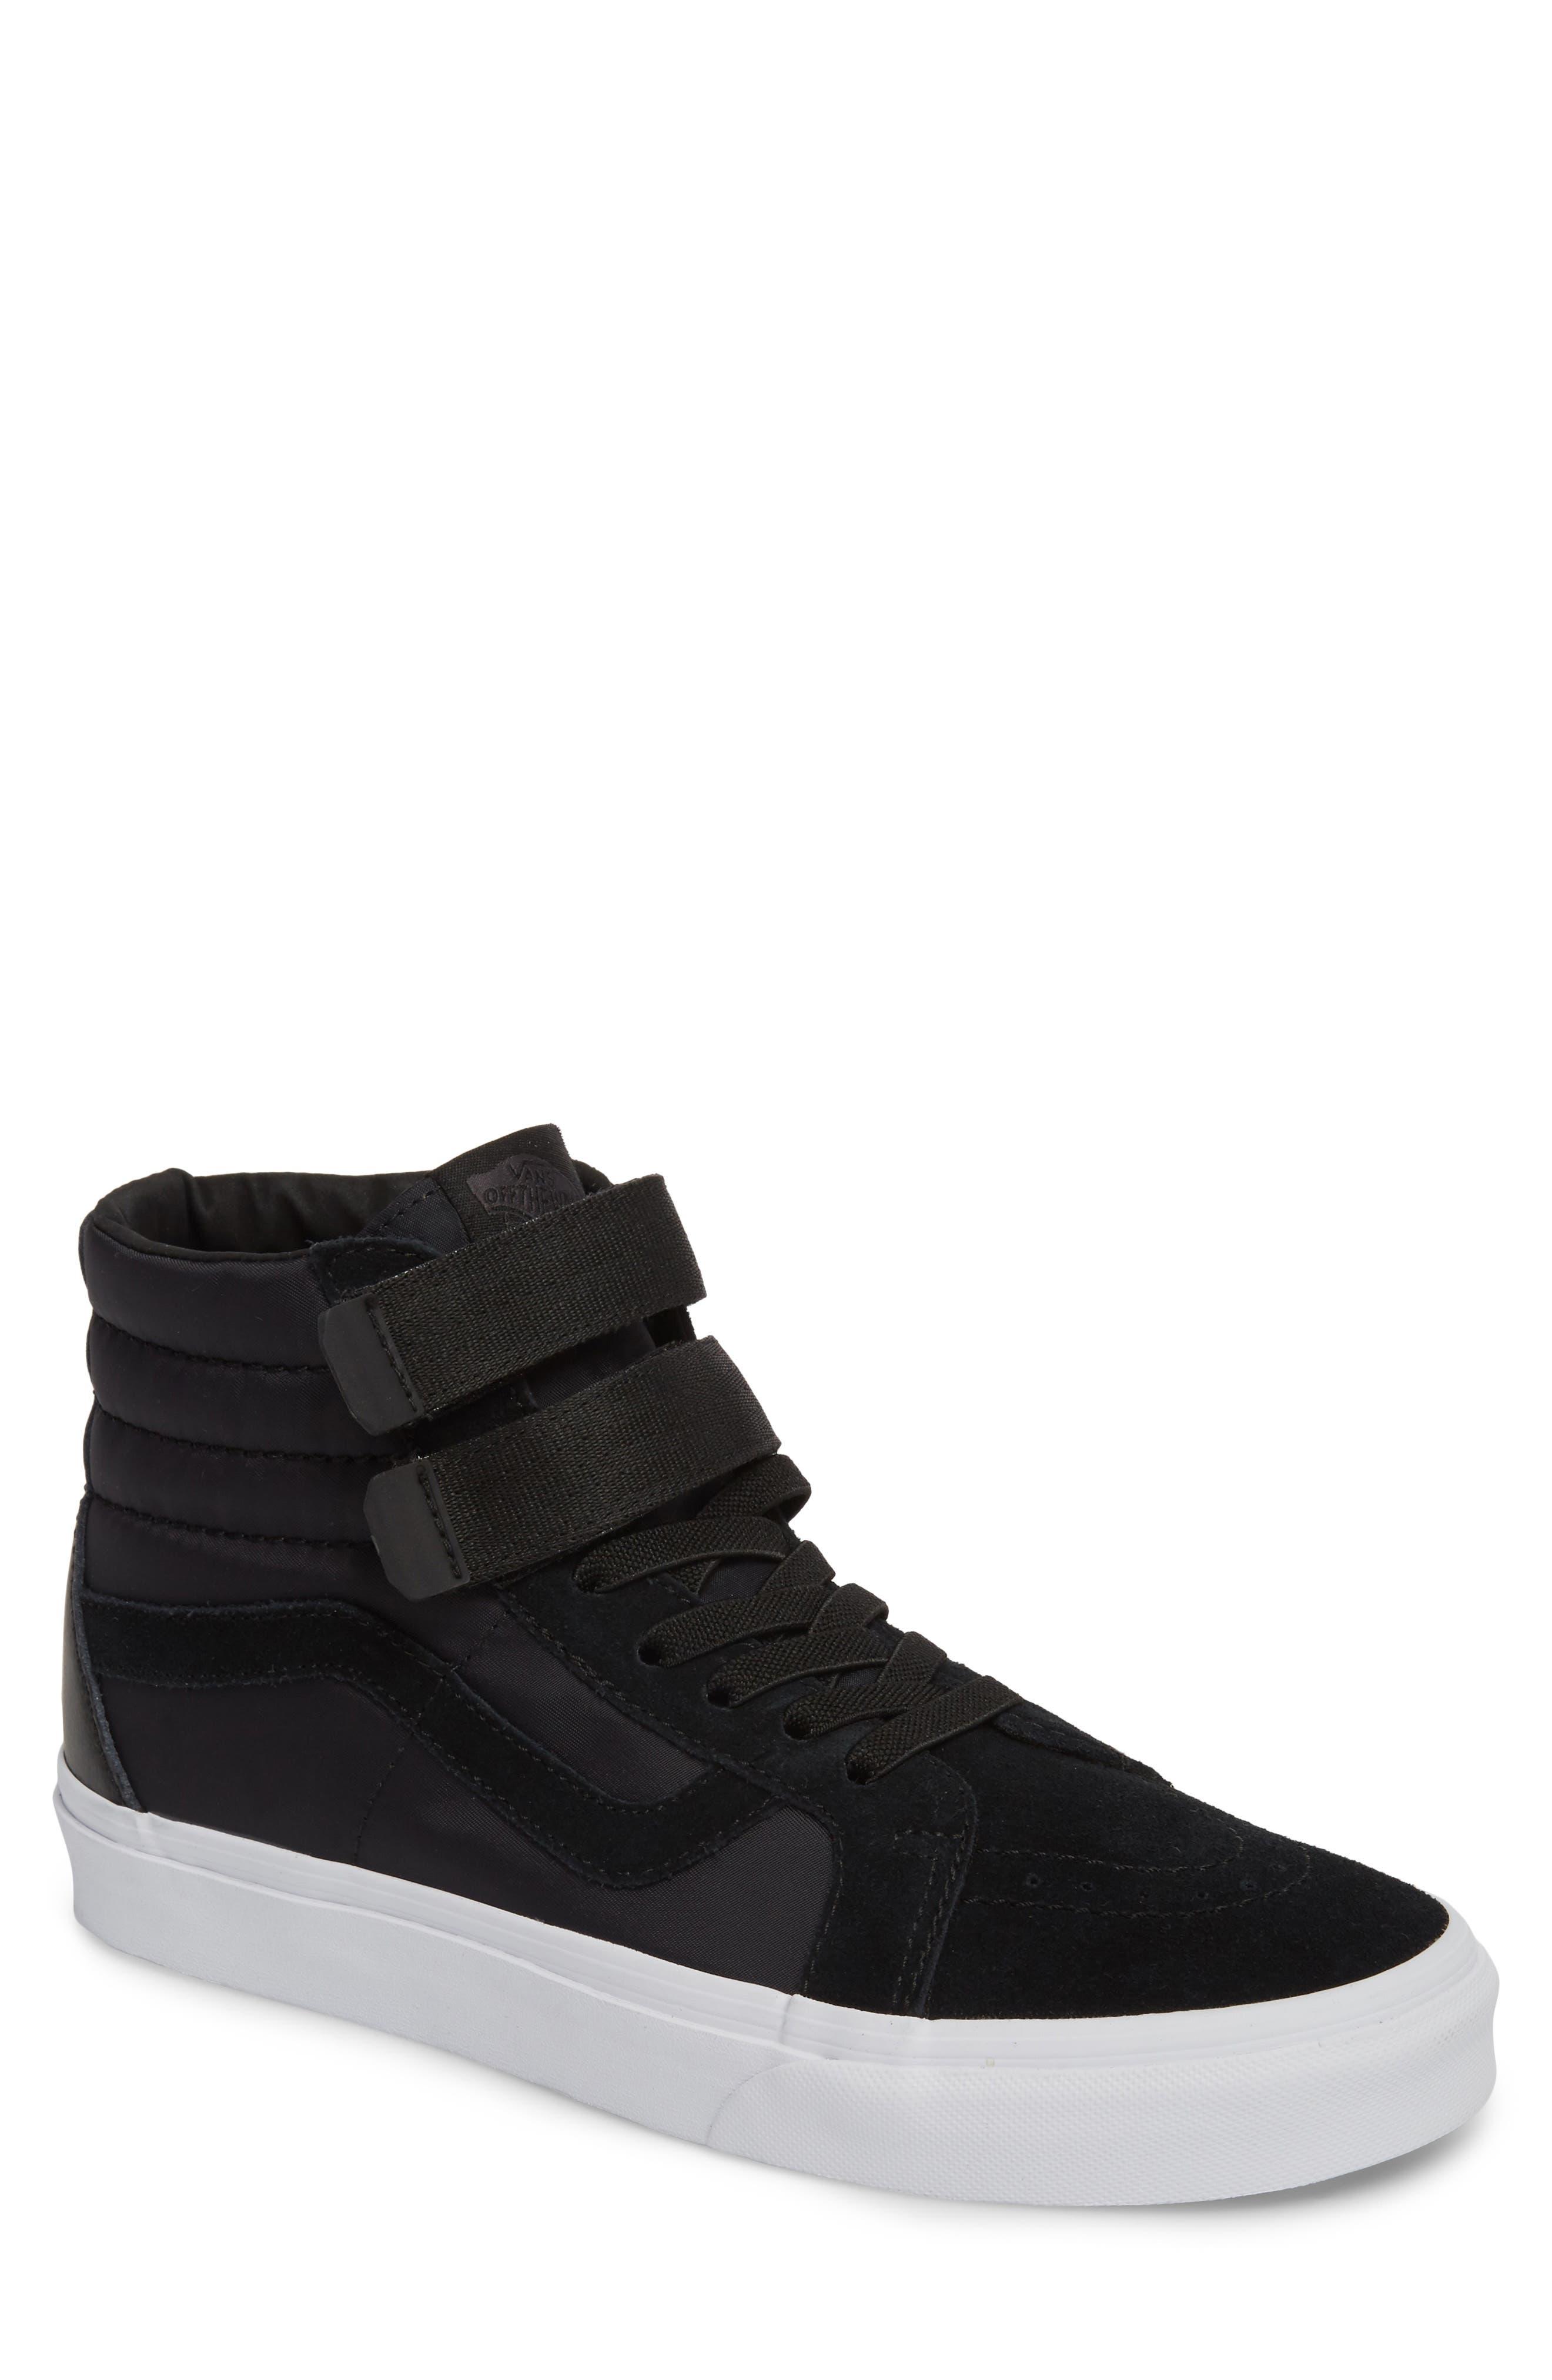 Sk8-Hi Reissue V Sneaker,                             Main thumbnail 1, color,                             002